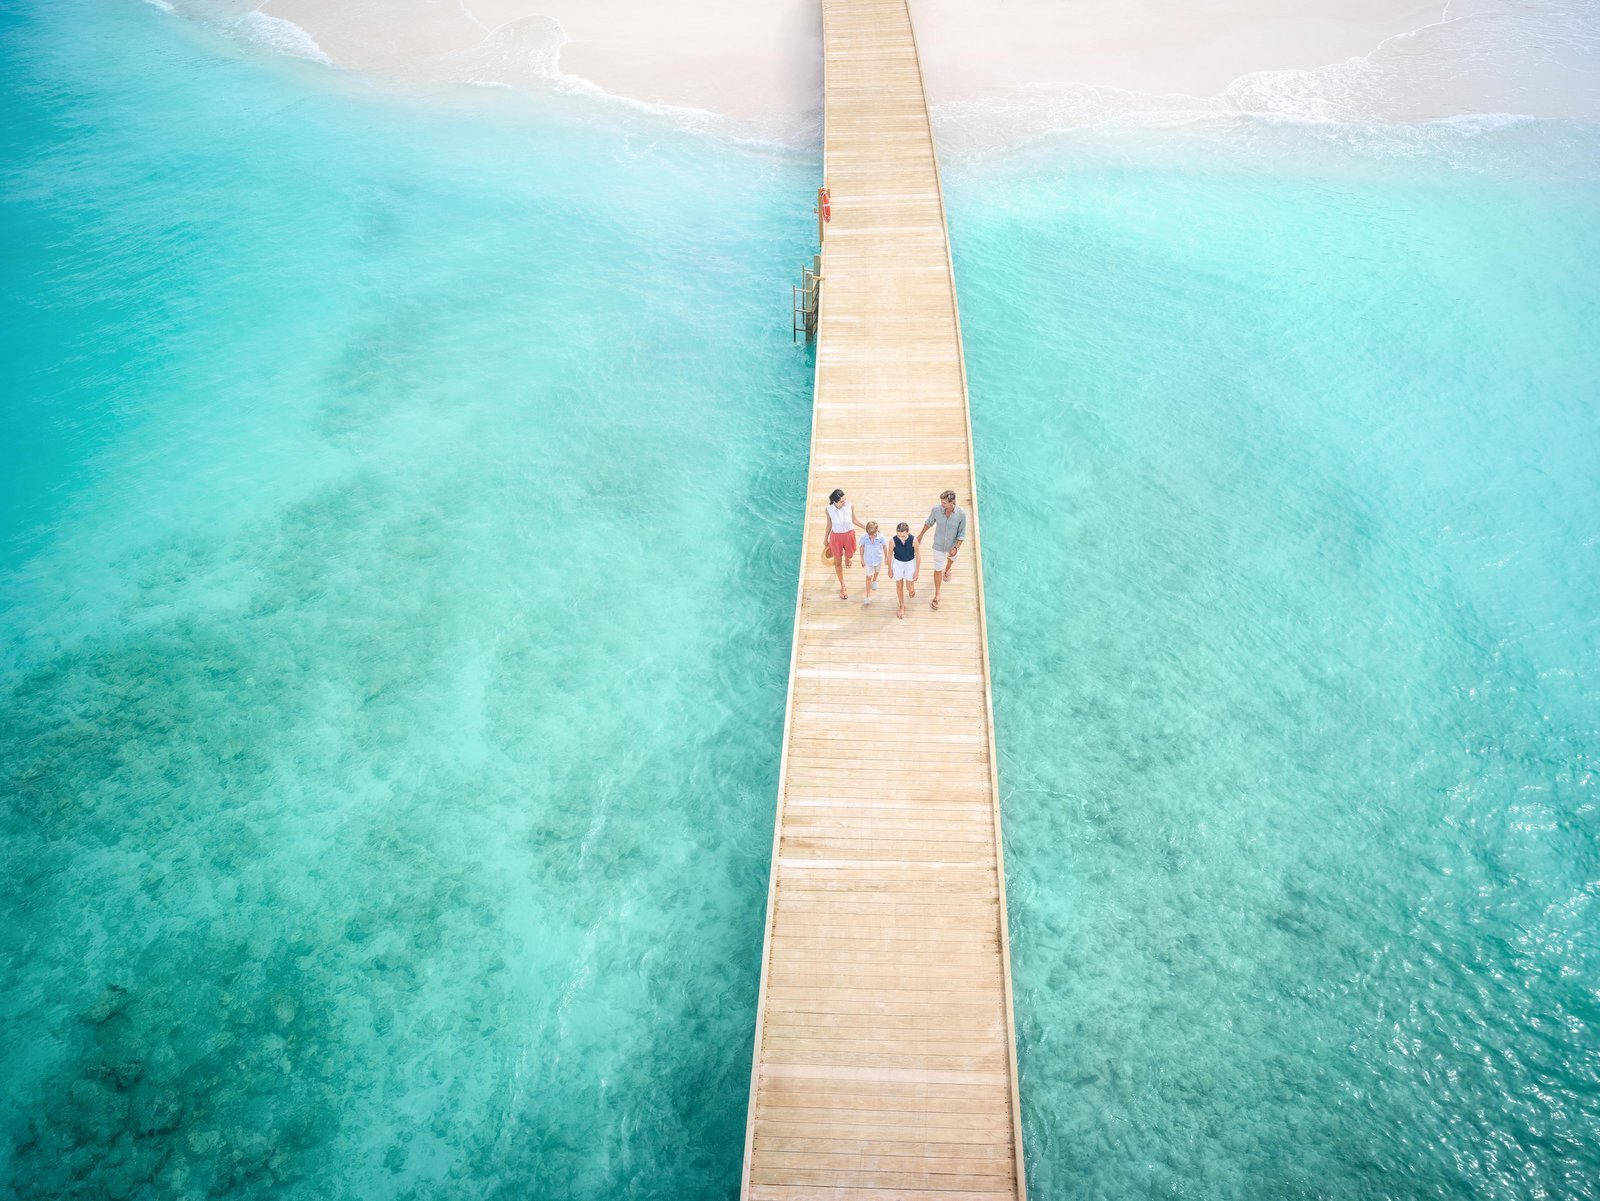 Мальдивы, отель Intercontinental Maldives Maamunagau, мост